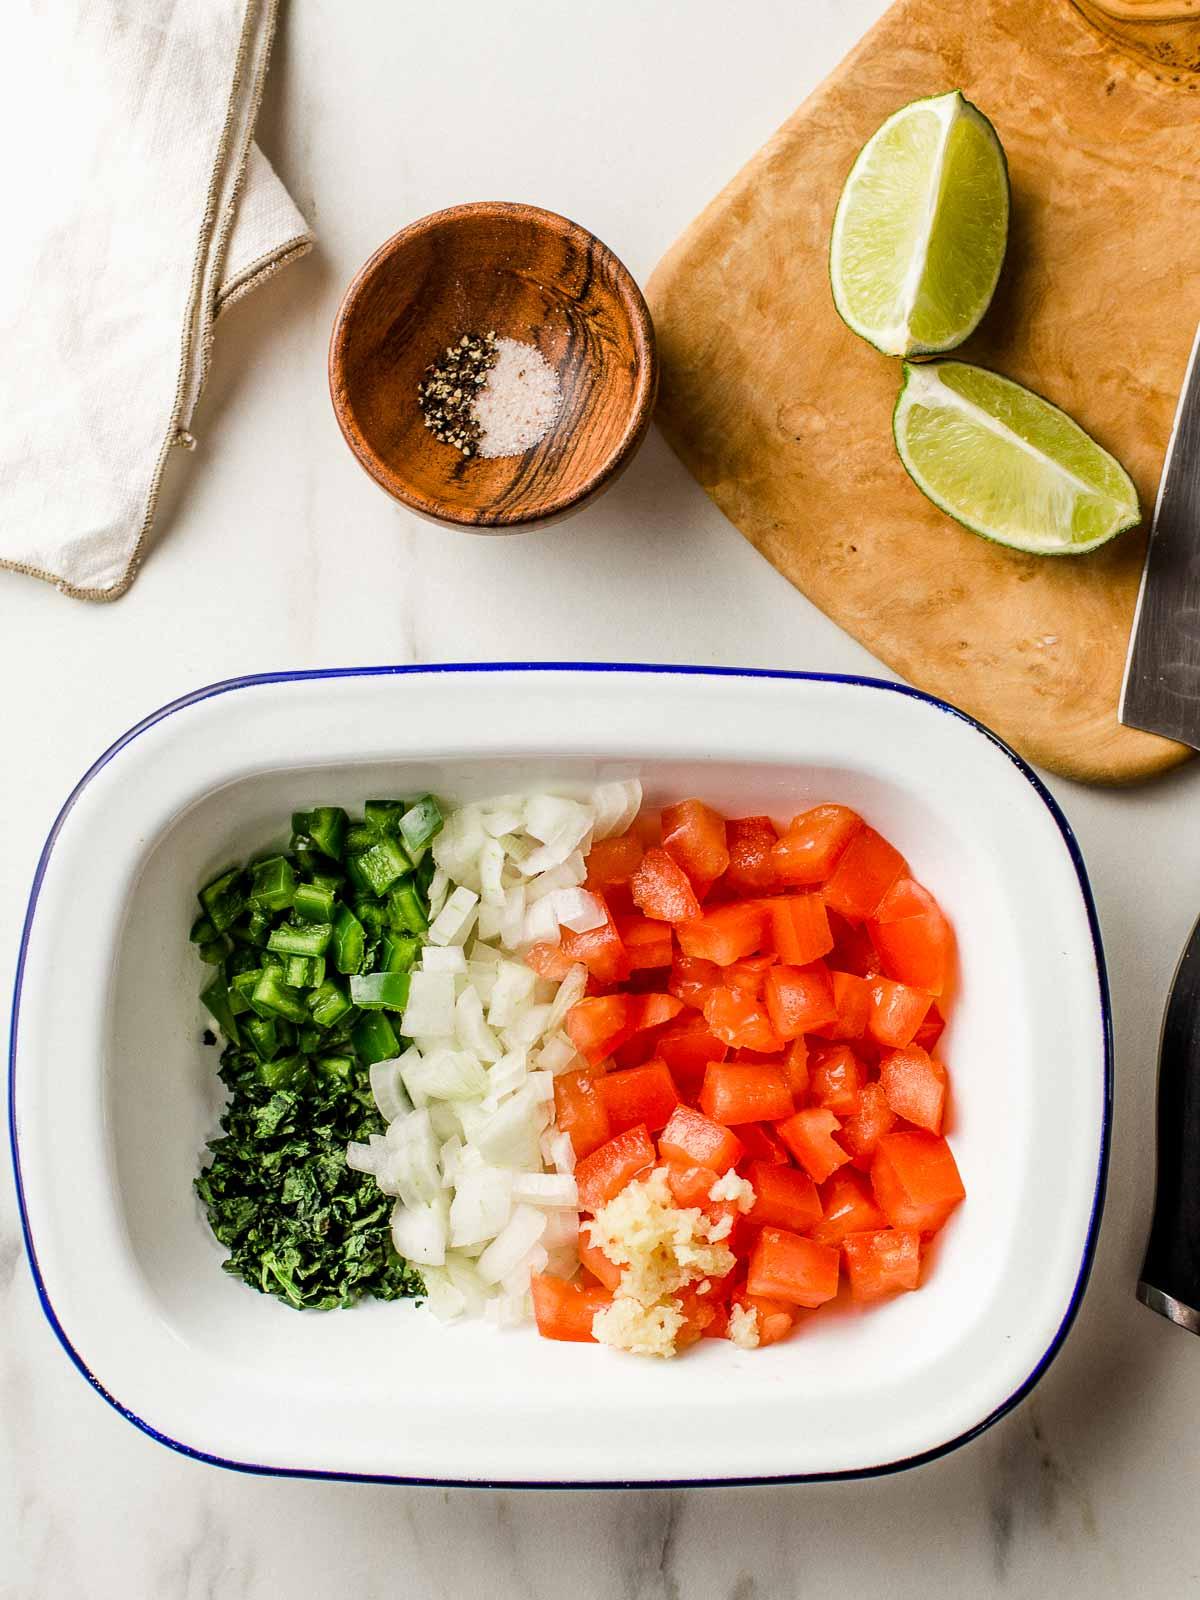 Guacamole veggies chopped in a bowl.